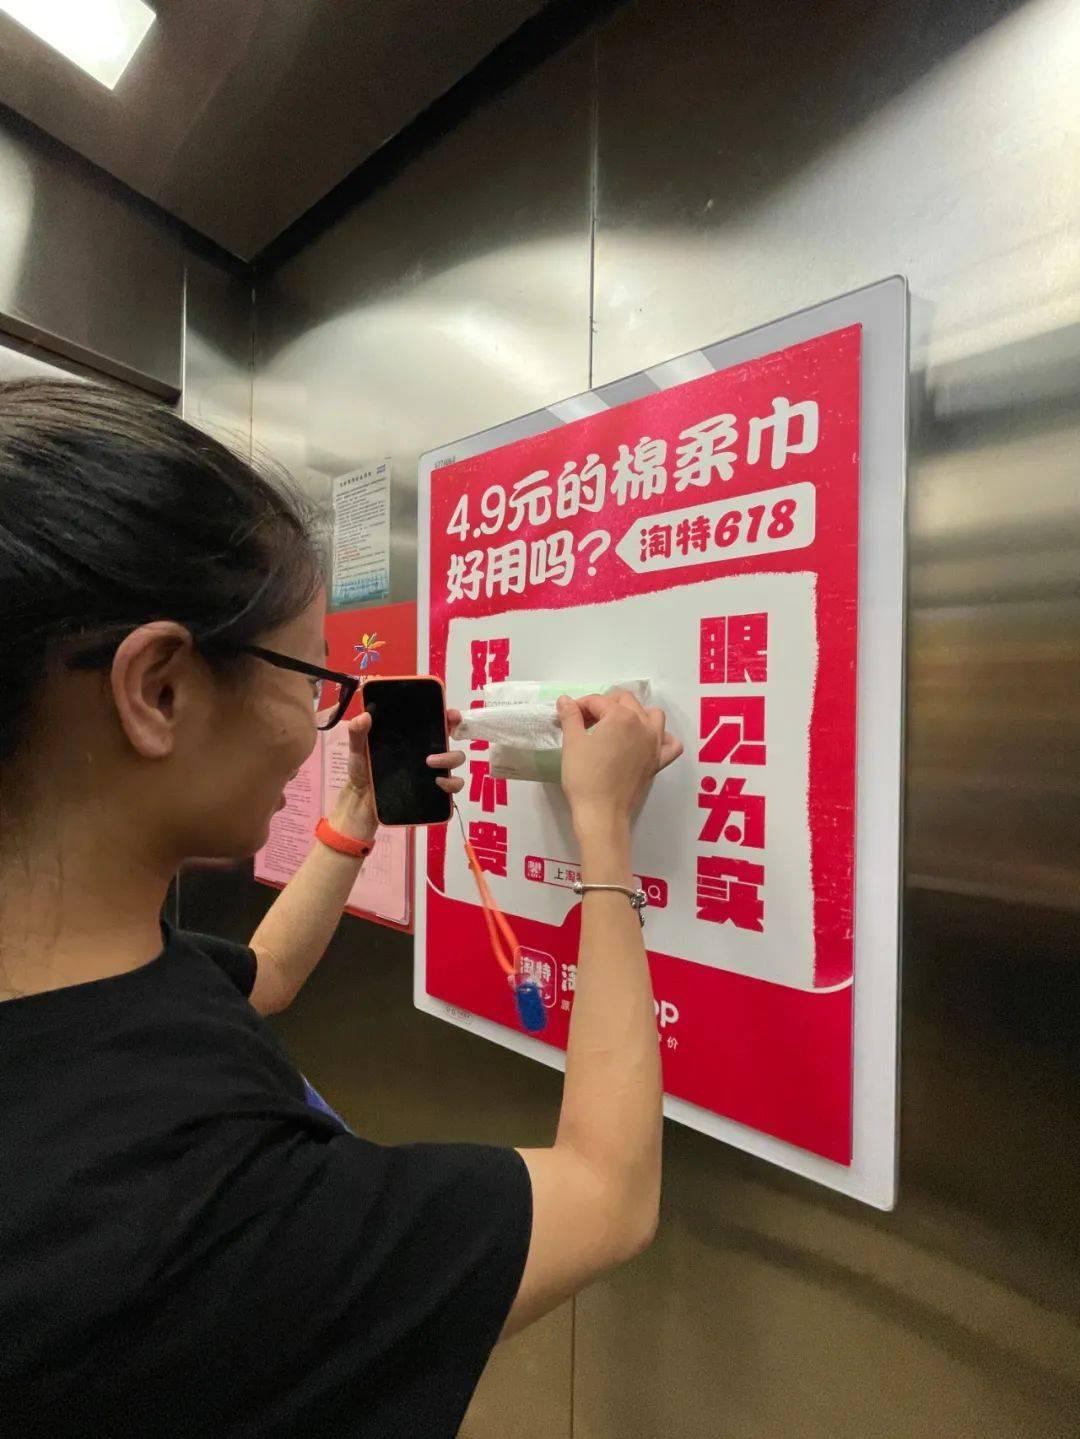 鸟哥笔记,广告创意,休克文案,消费者洞察,广告创意,设计,海报